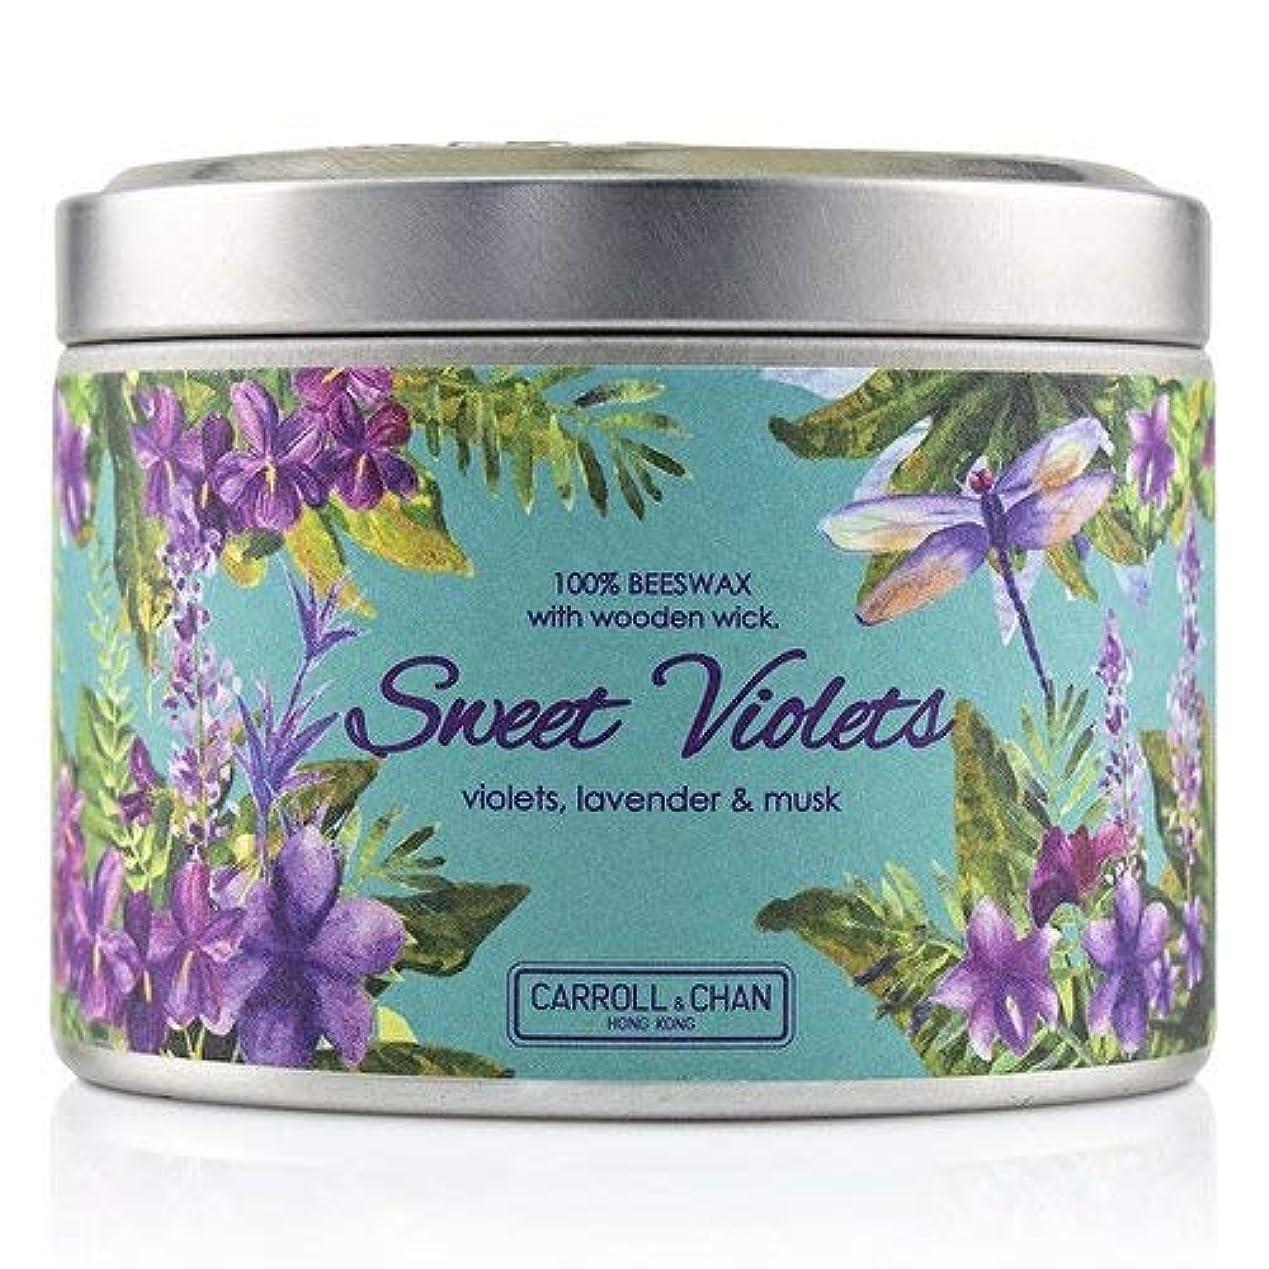 明らか不一致低下キャンドル?カンパニー Tin Can 100% Beeswax Candle with Wooden Wick - Sweet Violets (8x5) cm並行輸入品